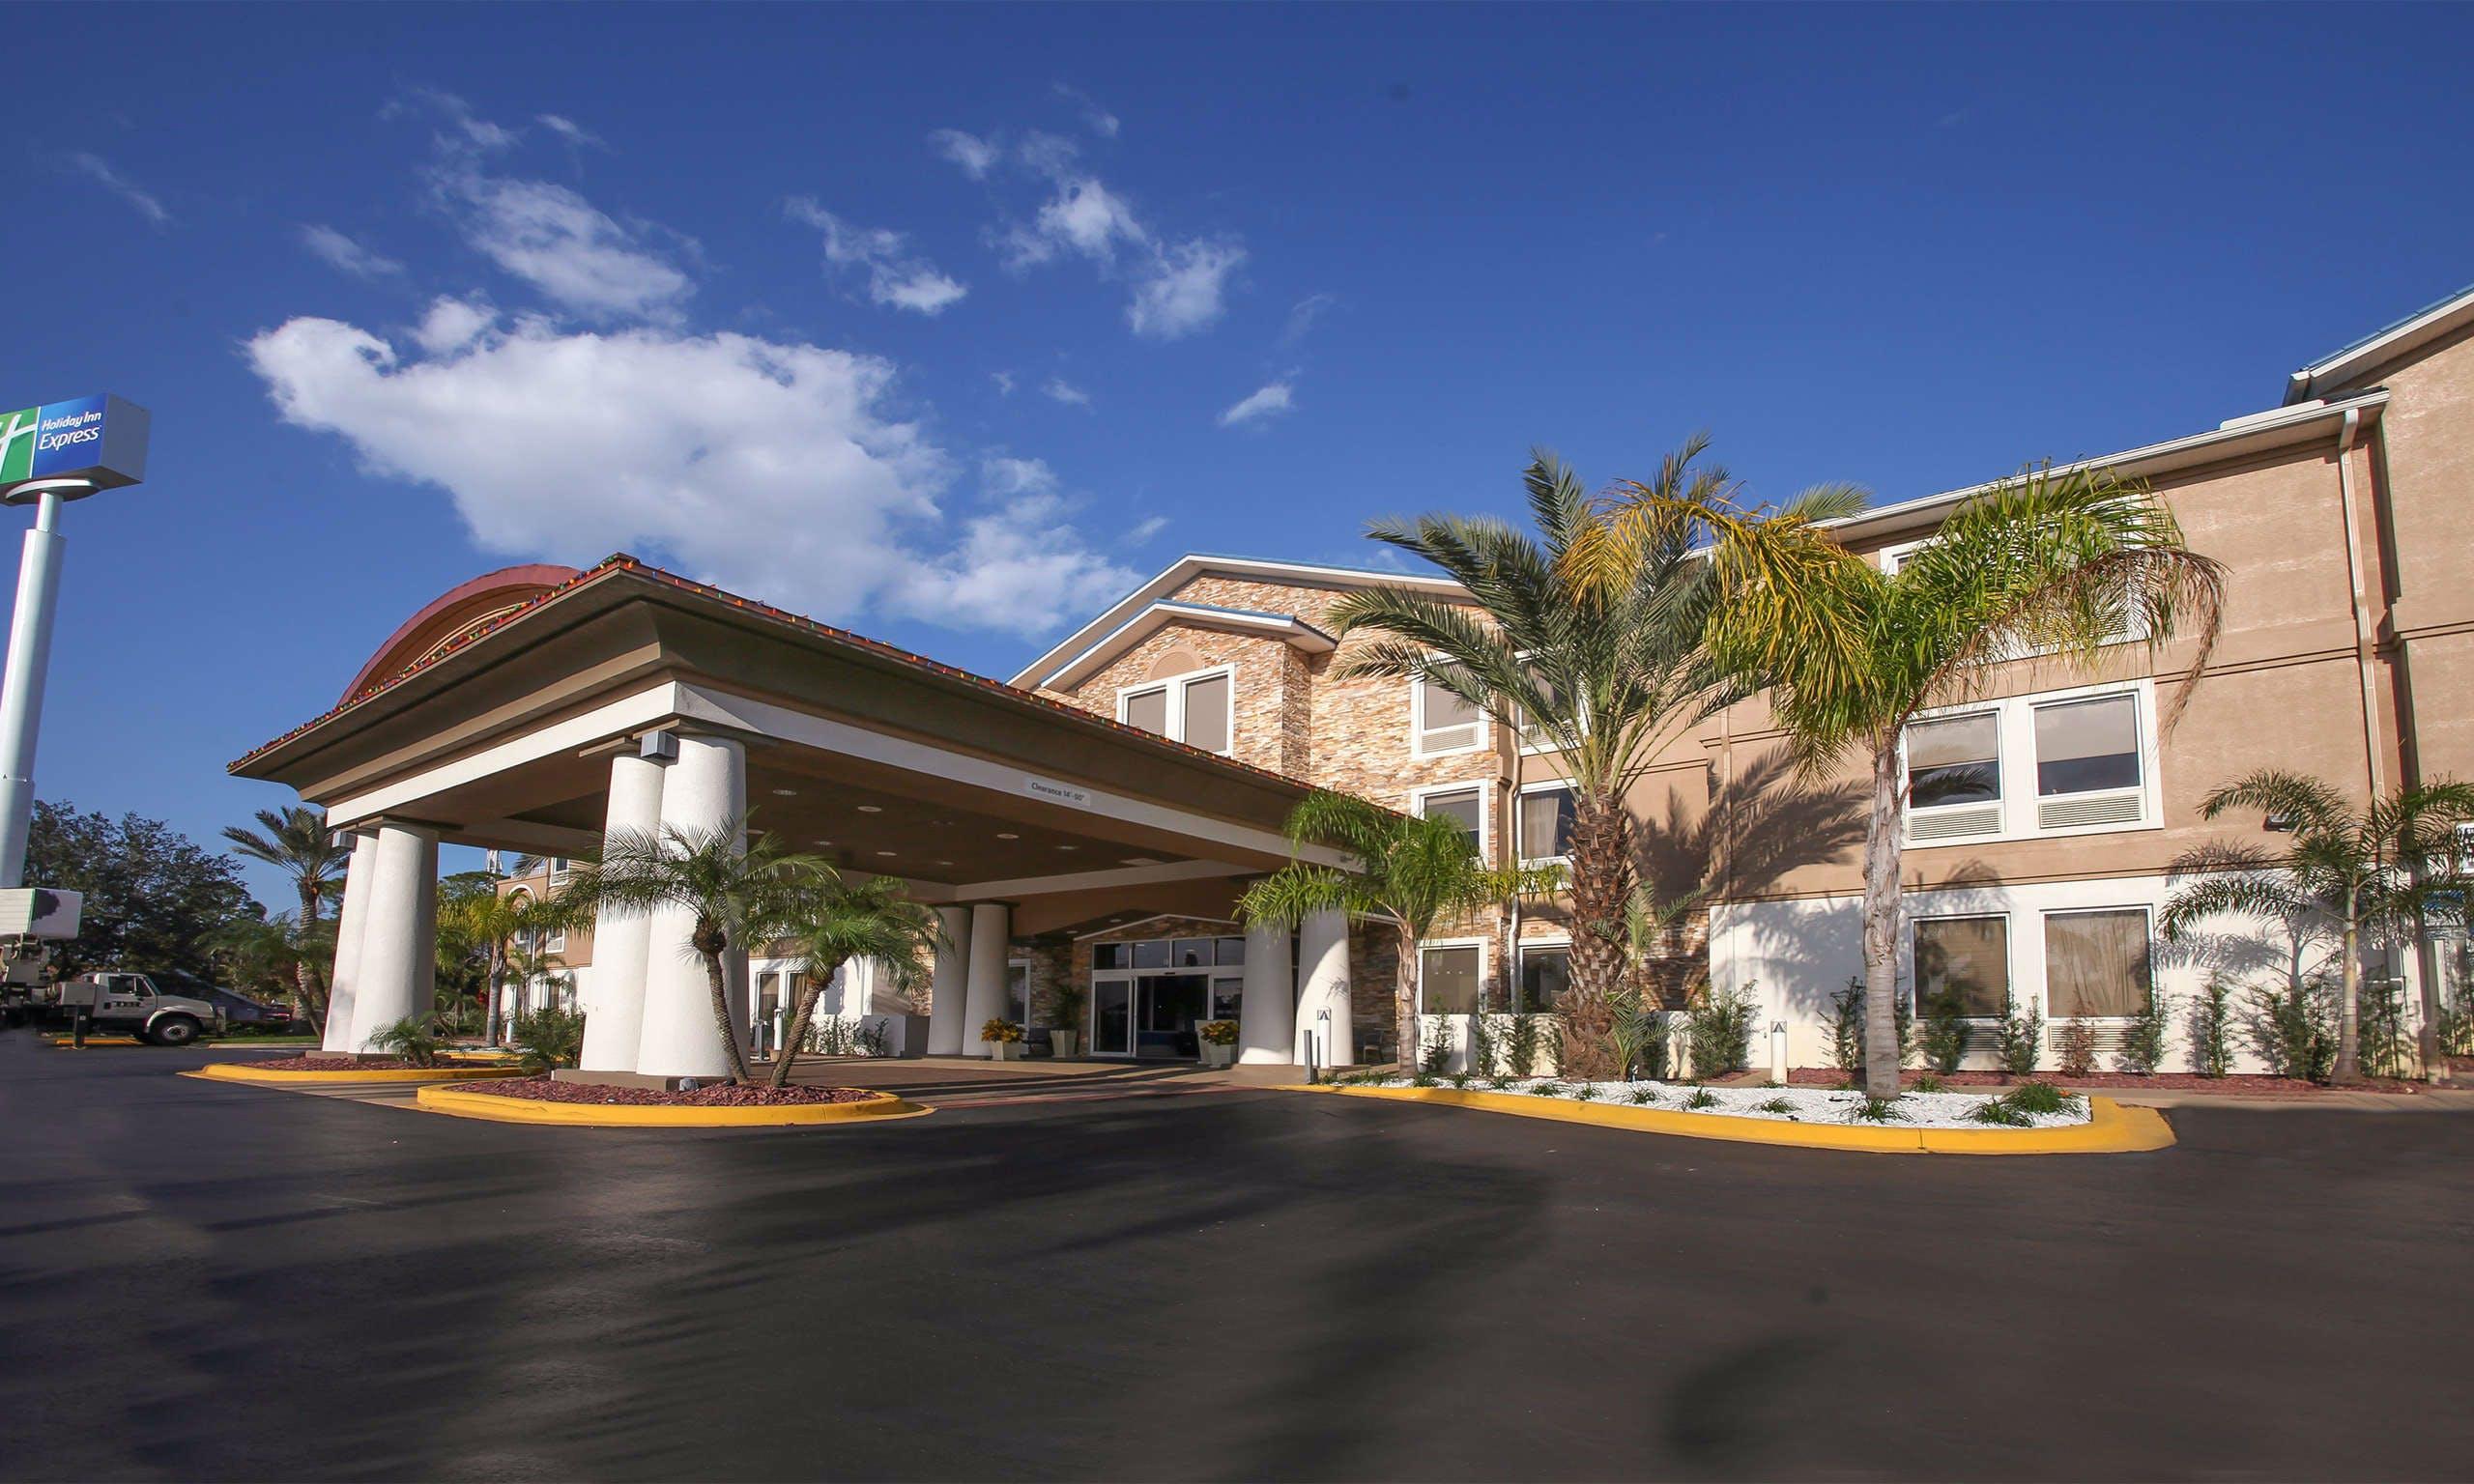 Holiday Inn Express Daytona Beach Speedway